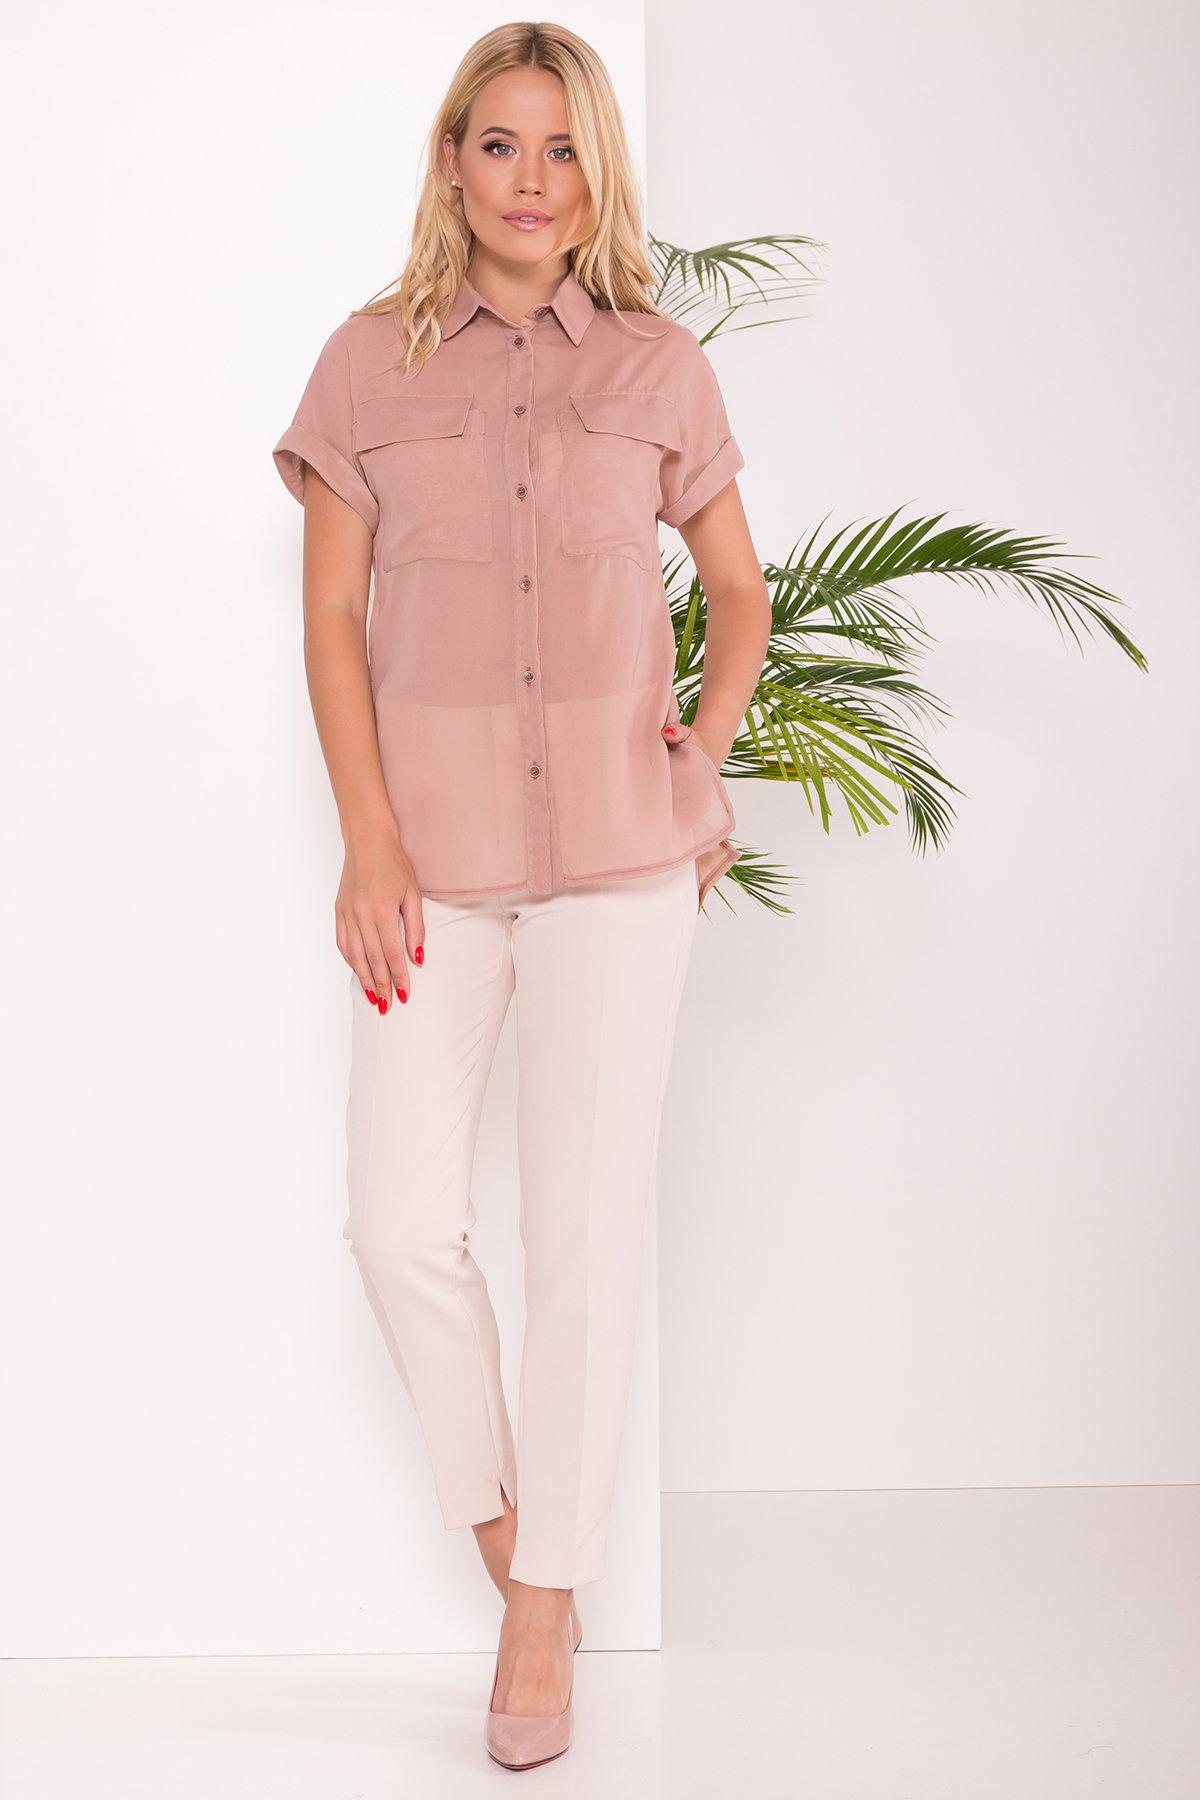 Купить блузку женскую от Modus Шифоновая Рубашка Айра 7456